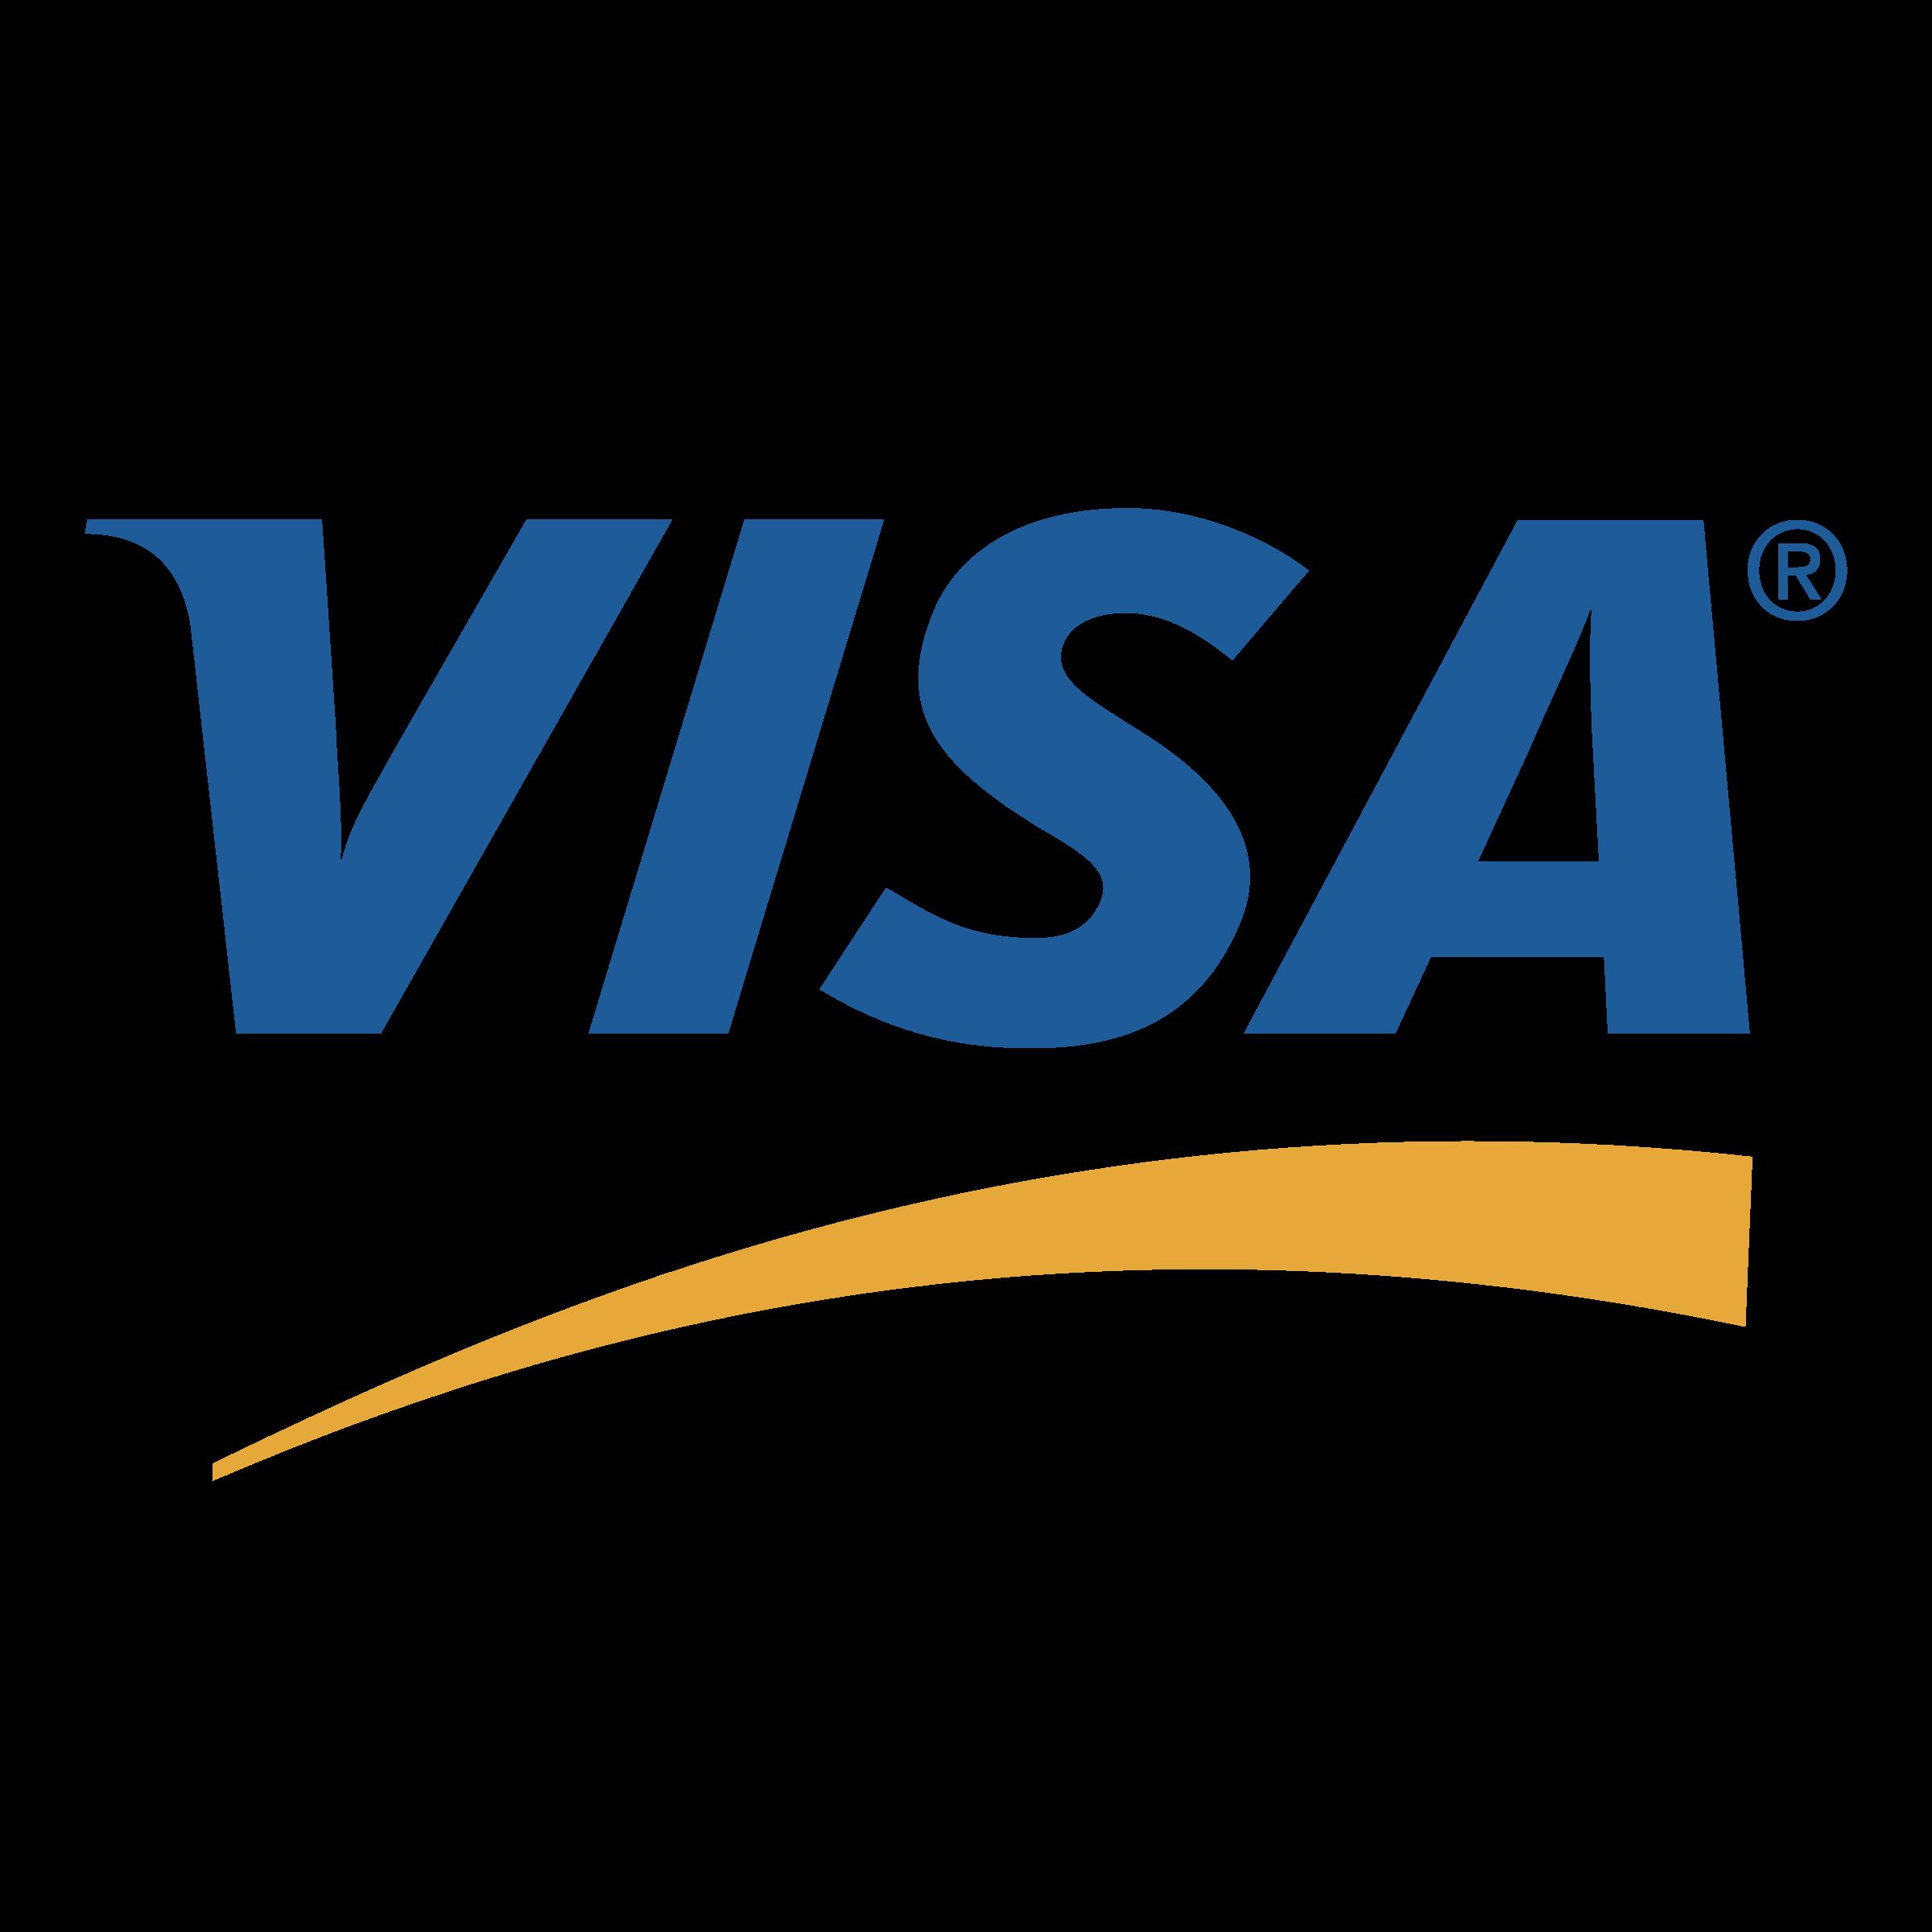 Télephone information entreprise  Visa